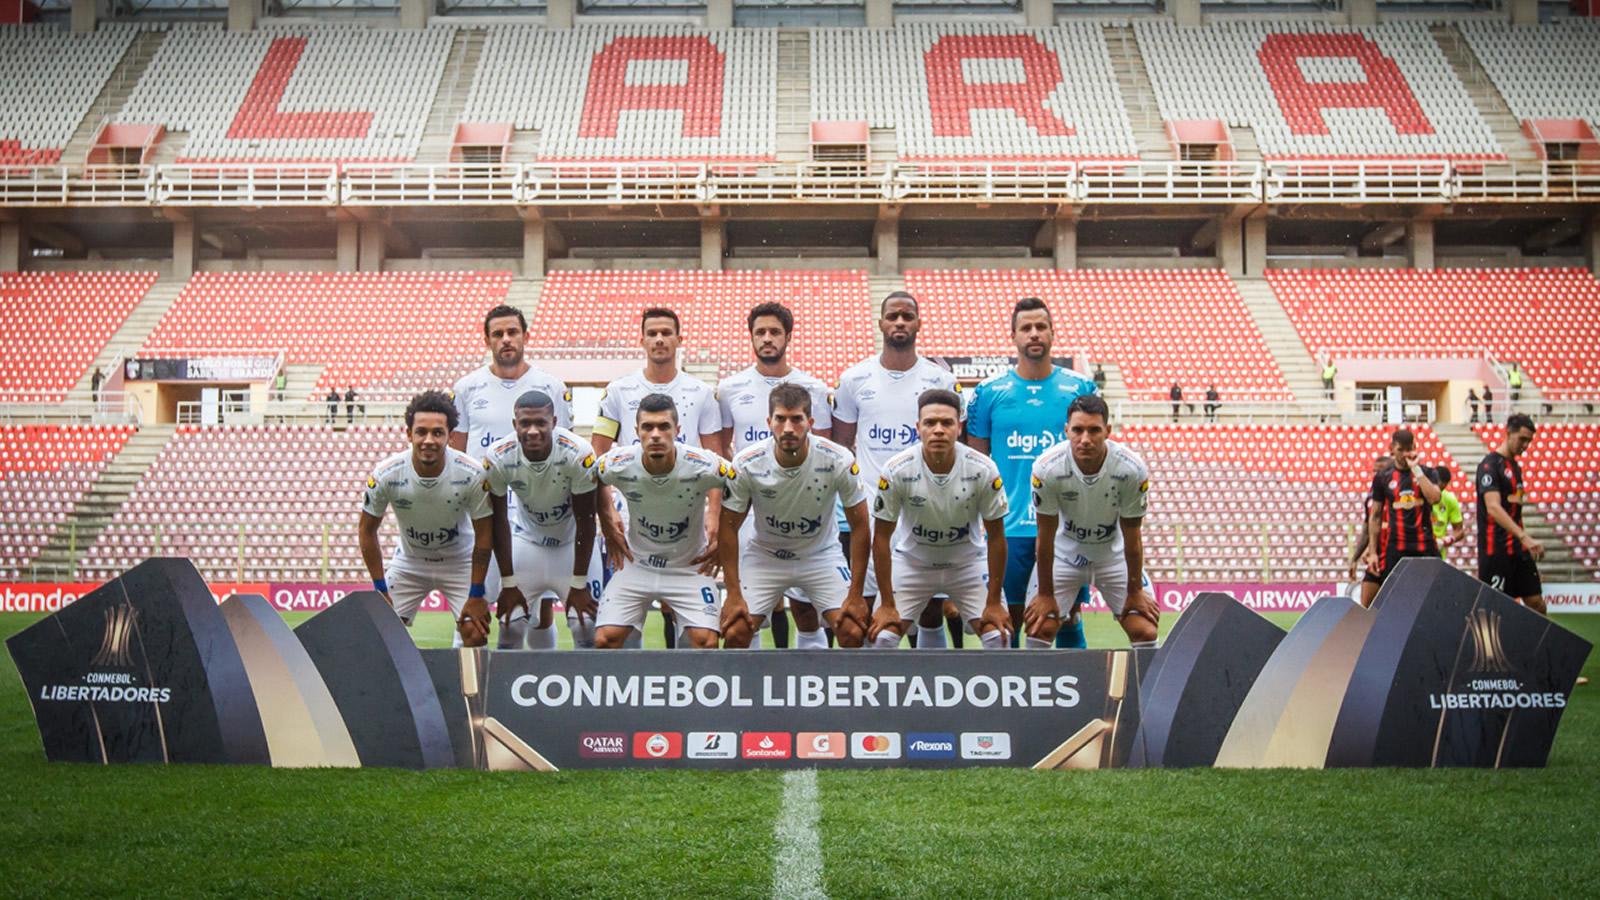 Cruzeiro bate Lara por 2 a 0 e segue com campanha perfeita na Libertadores